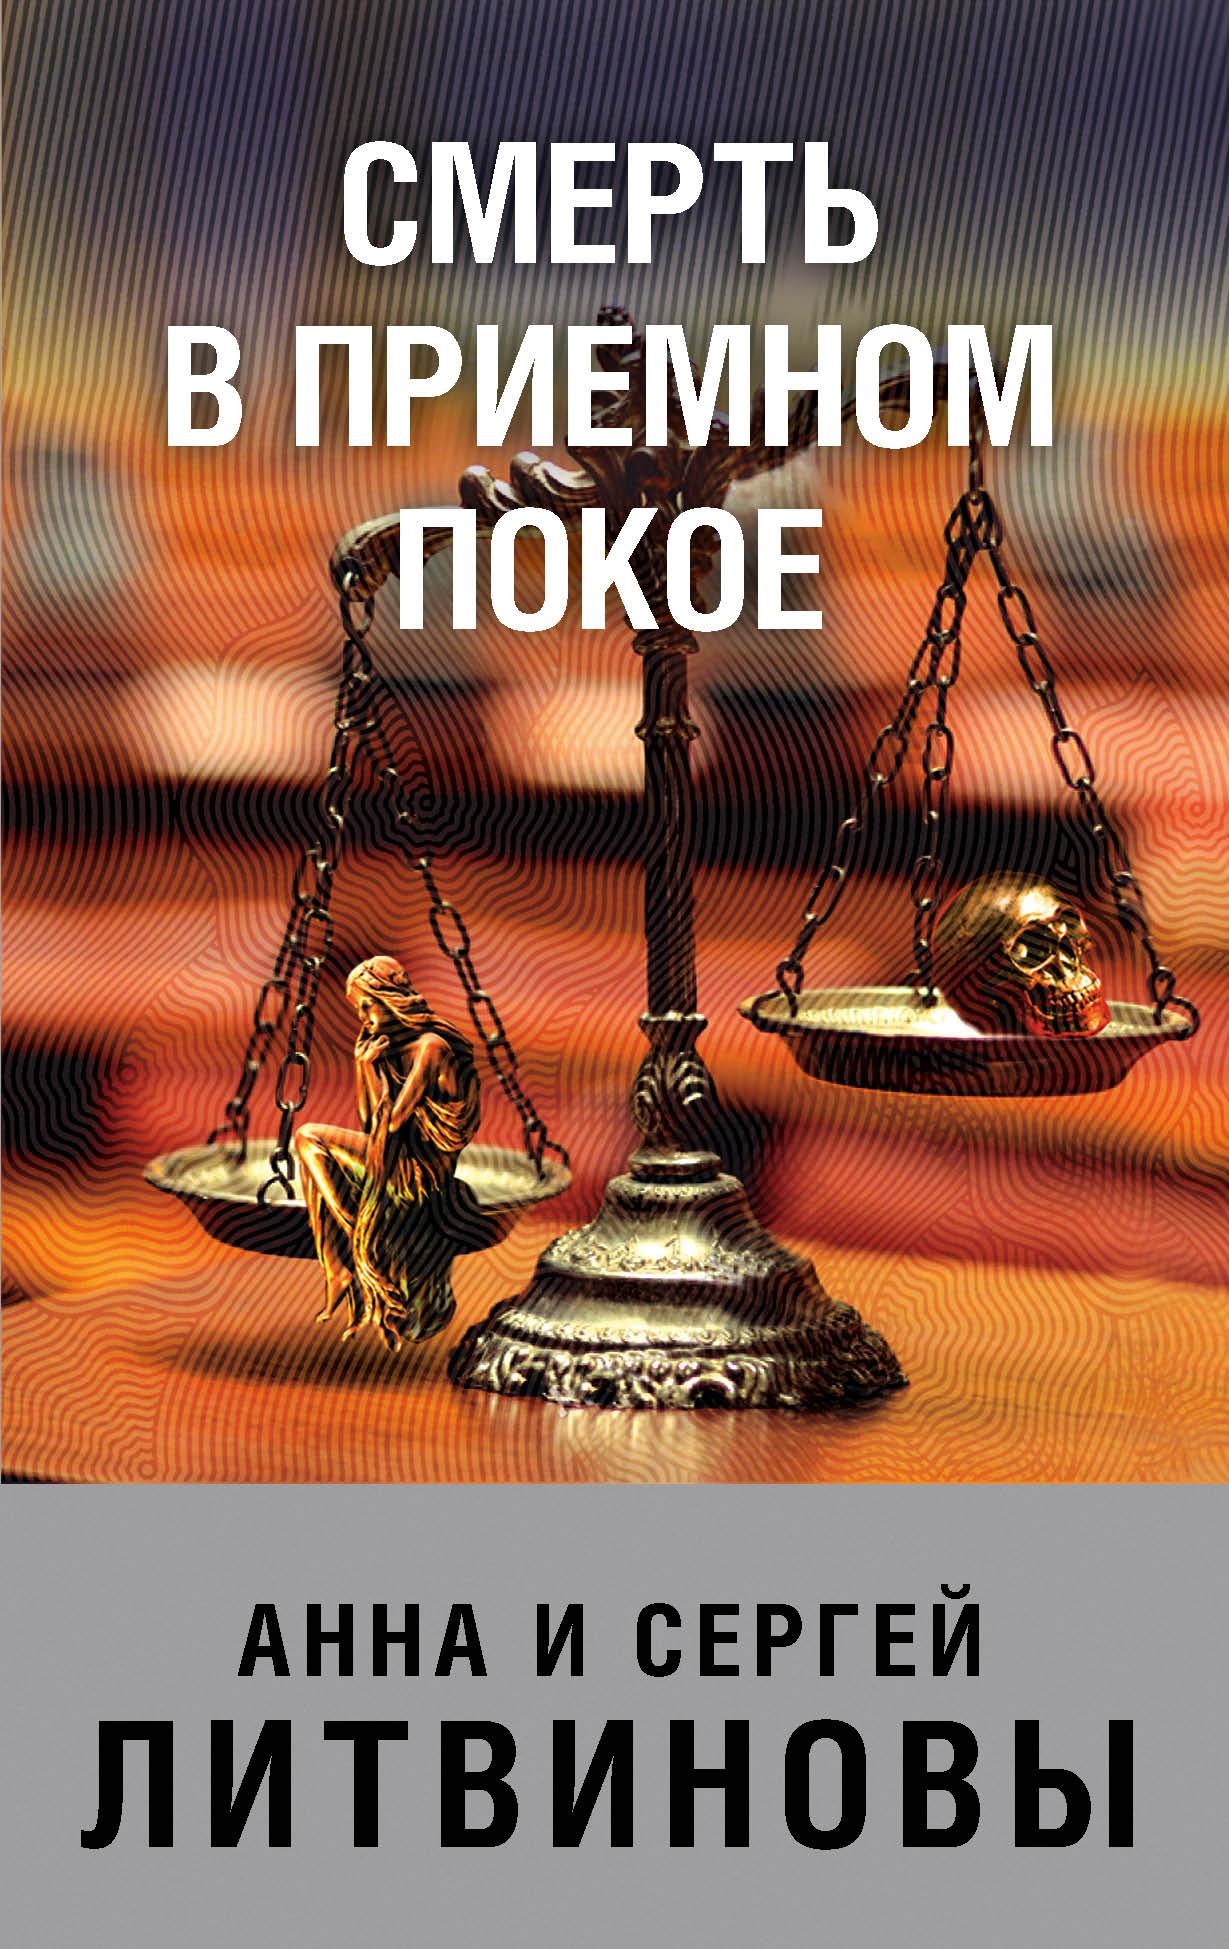 Анна и Сергей Литвиновы Смерть в приемном покое анна и сергей литвиновы смерть в приемном покое